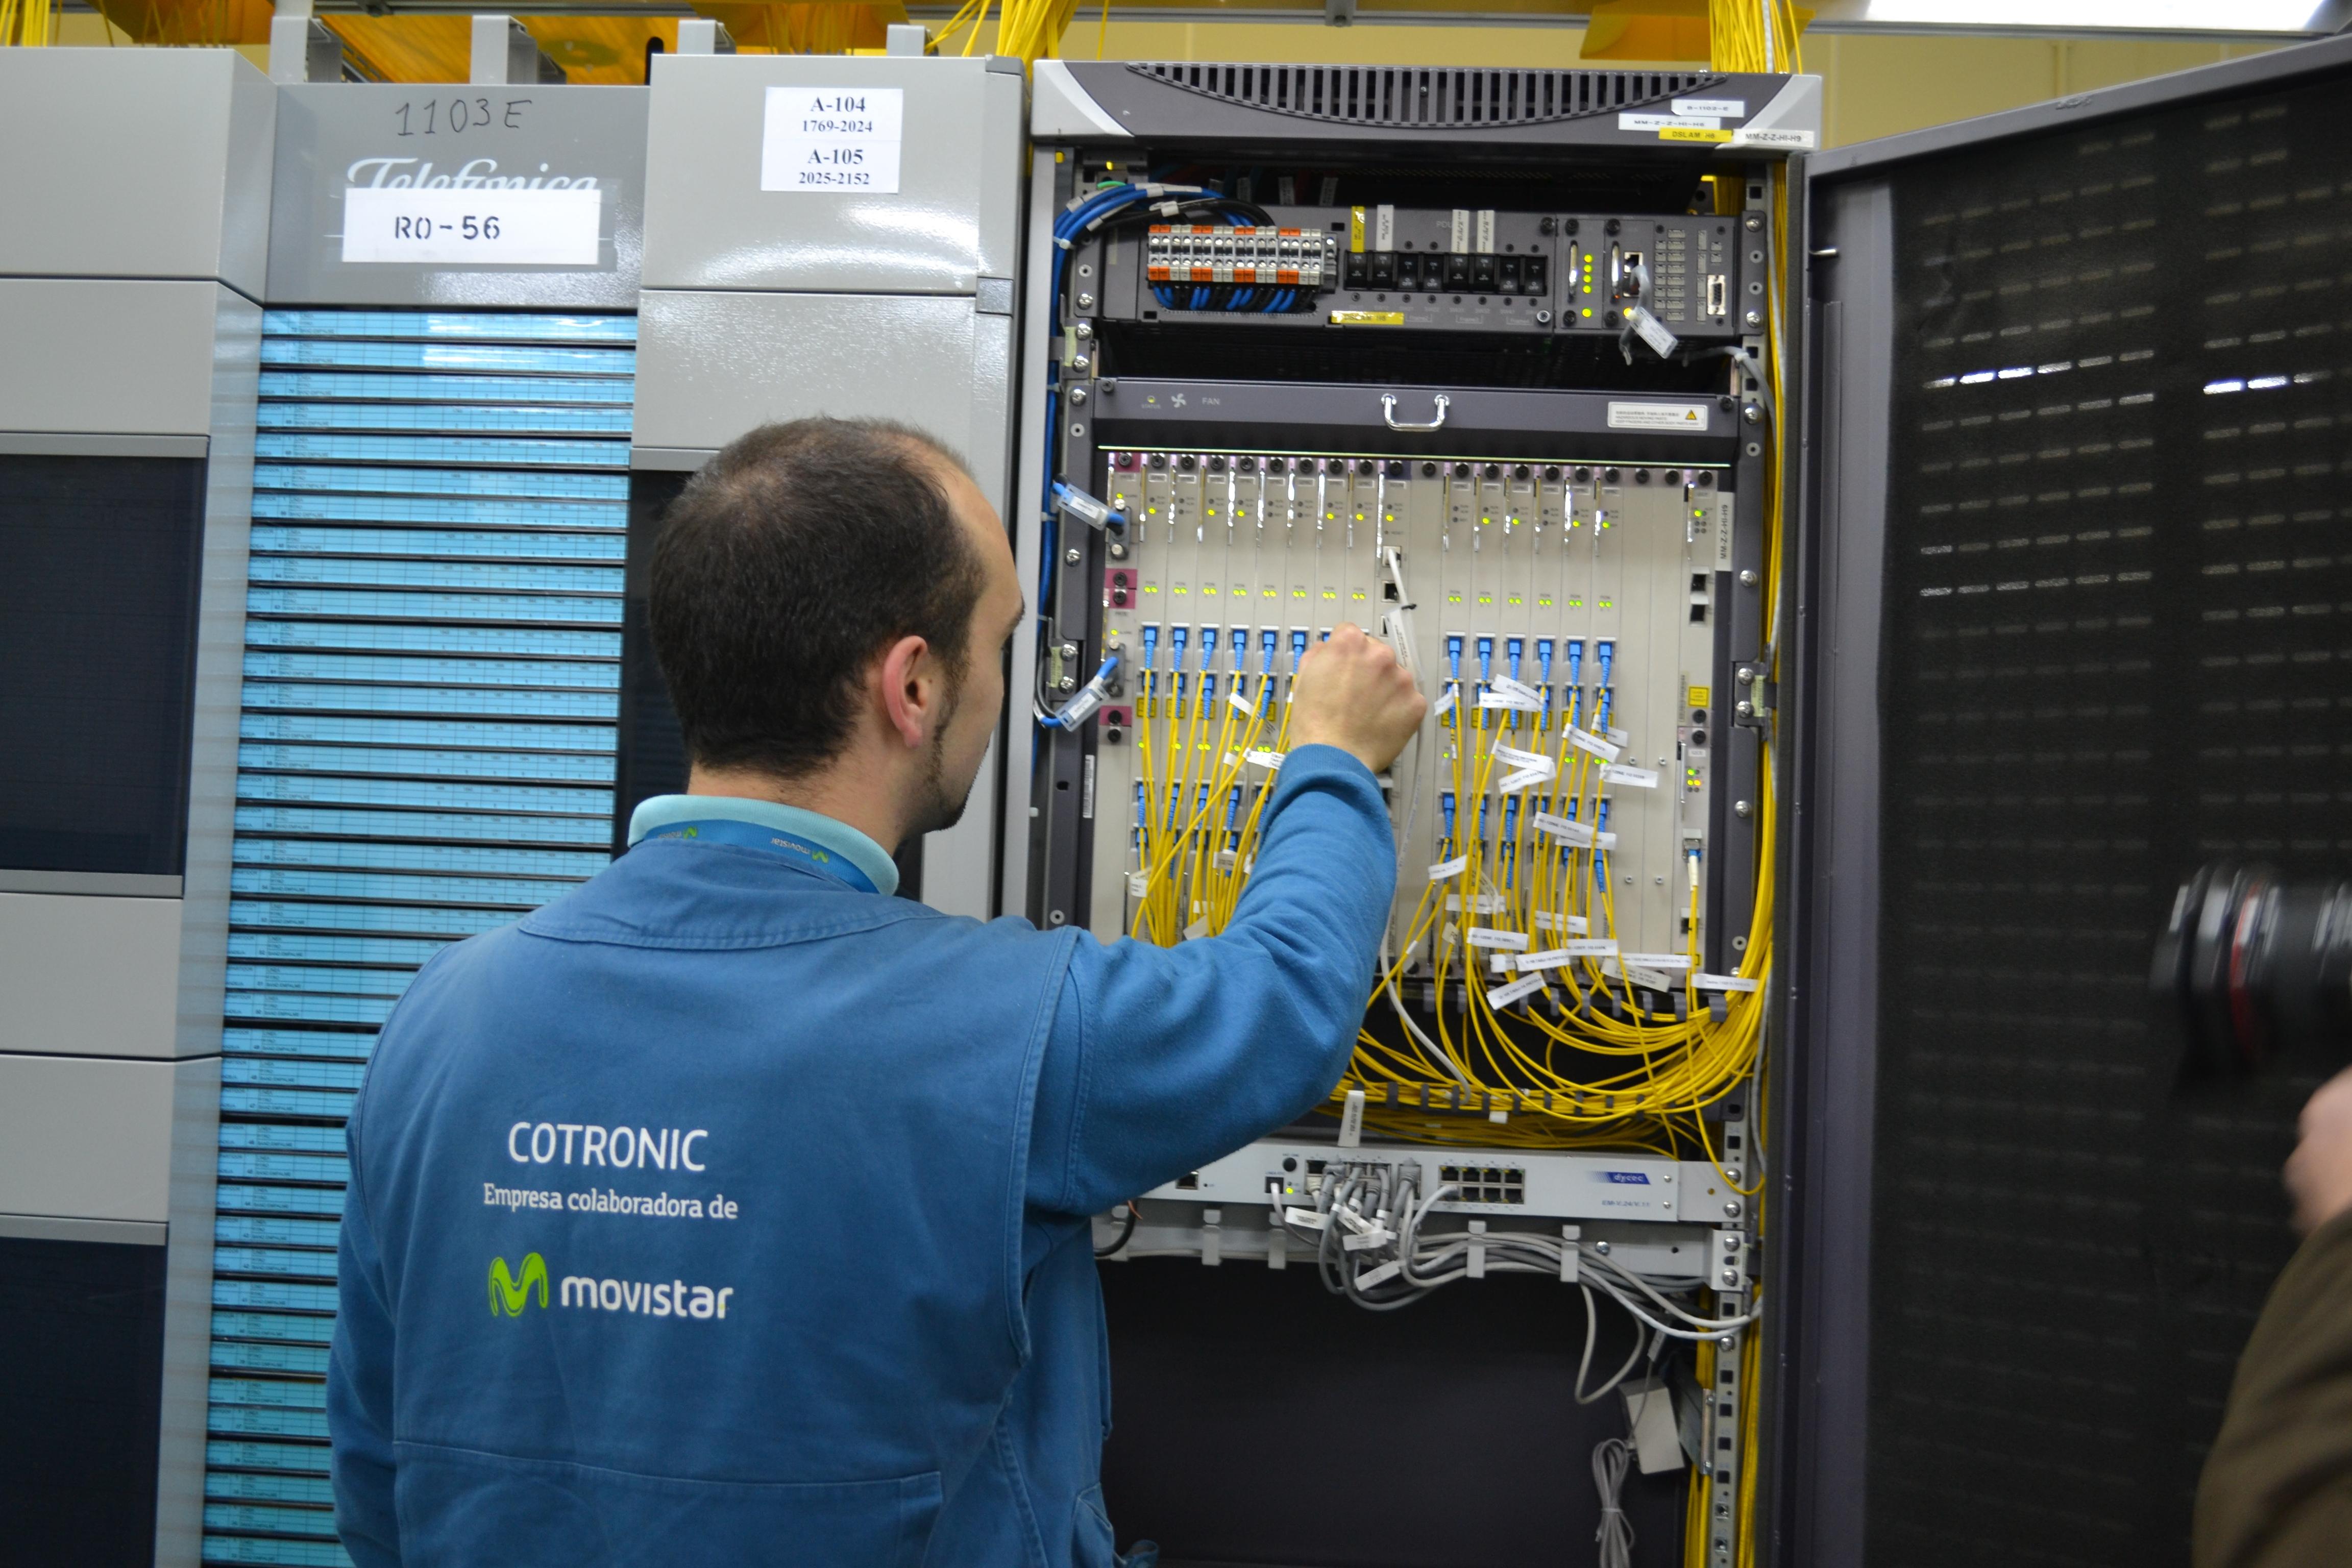 Un operario realizando la instalación de fibra óptica de Movistar en un edificio. / EL CORREO